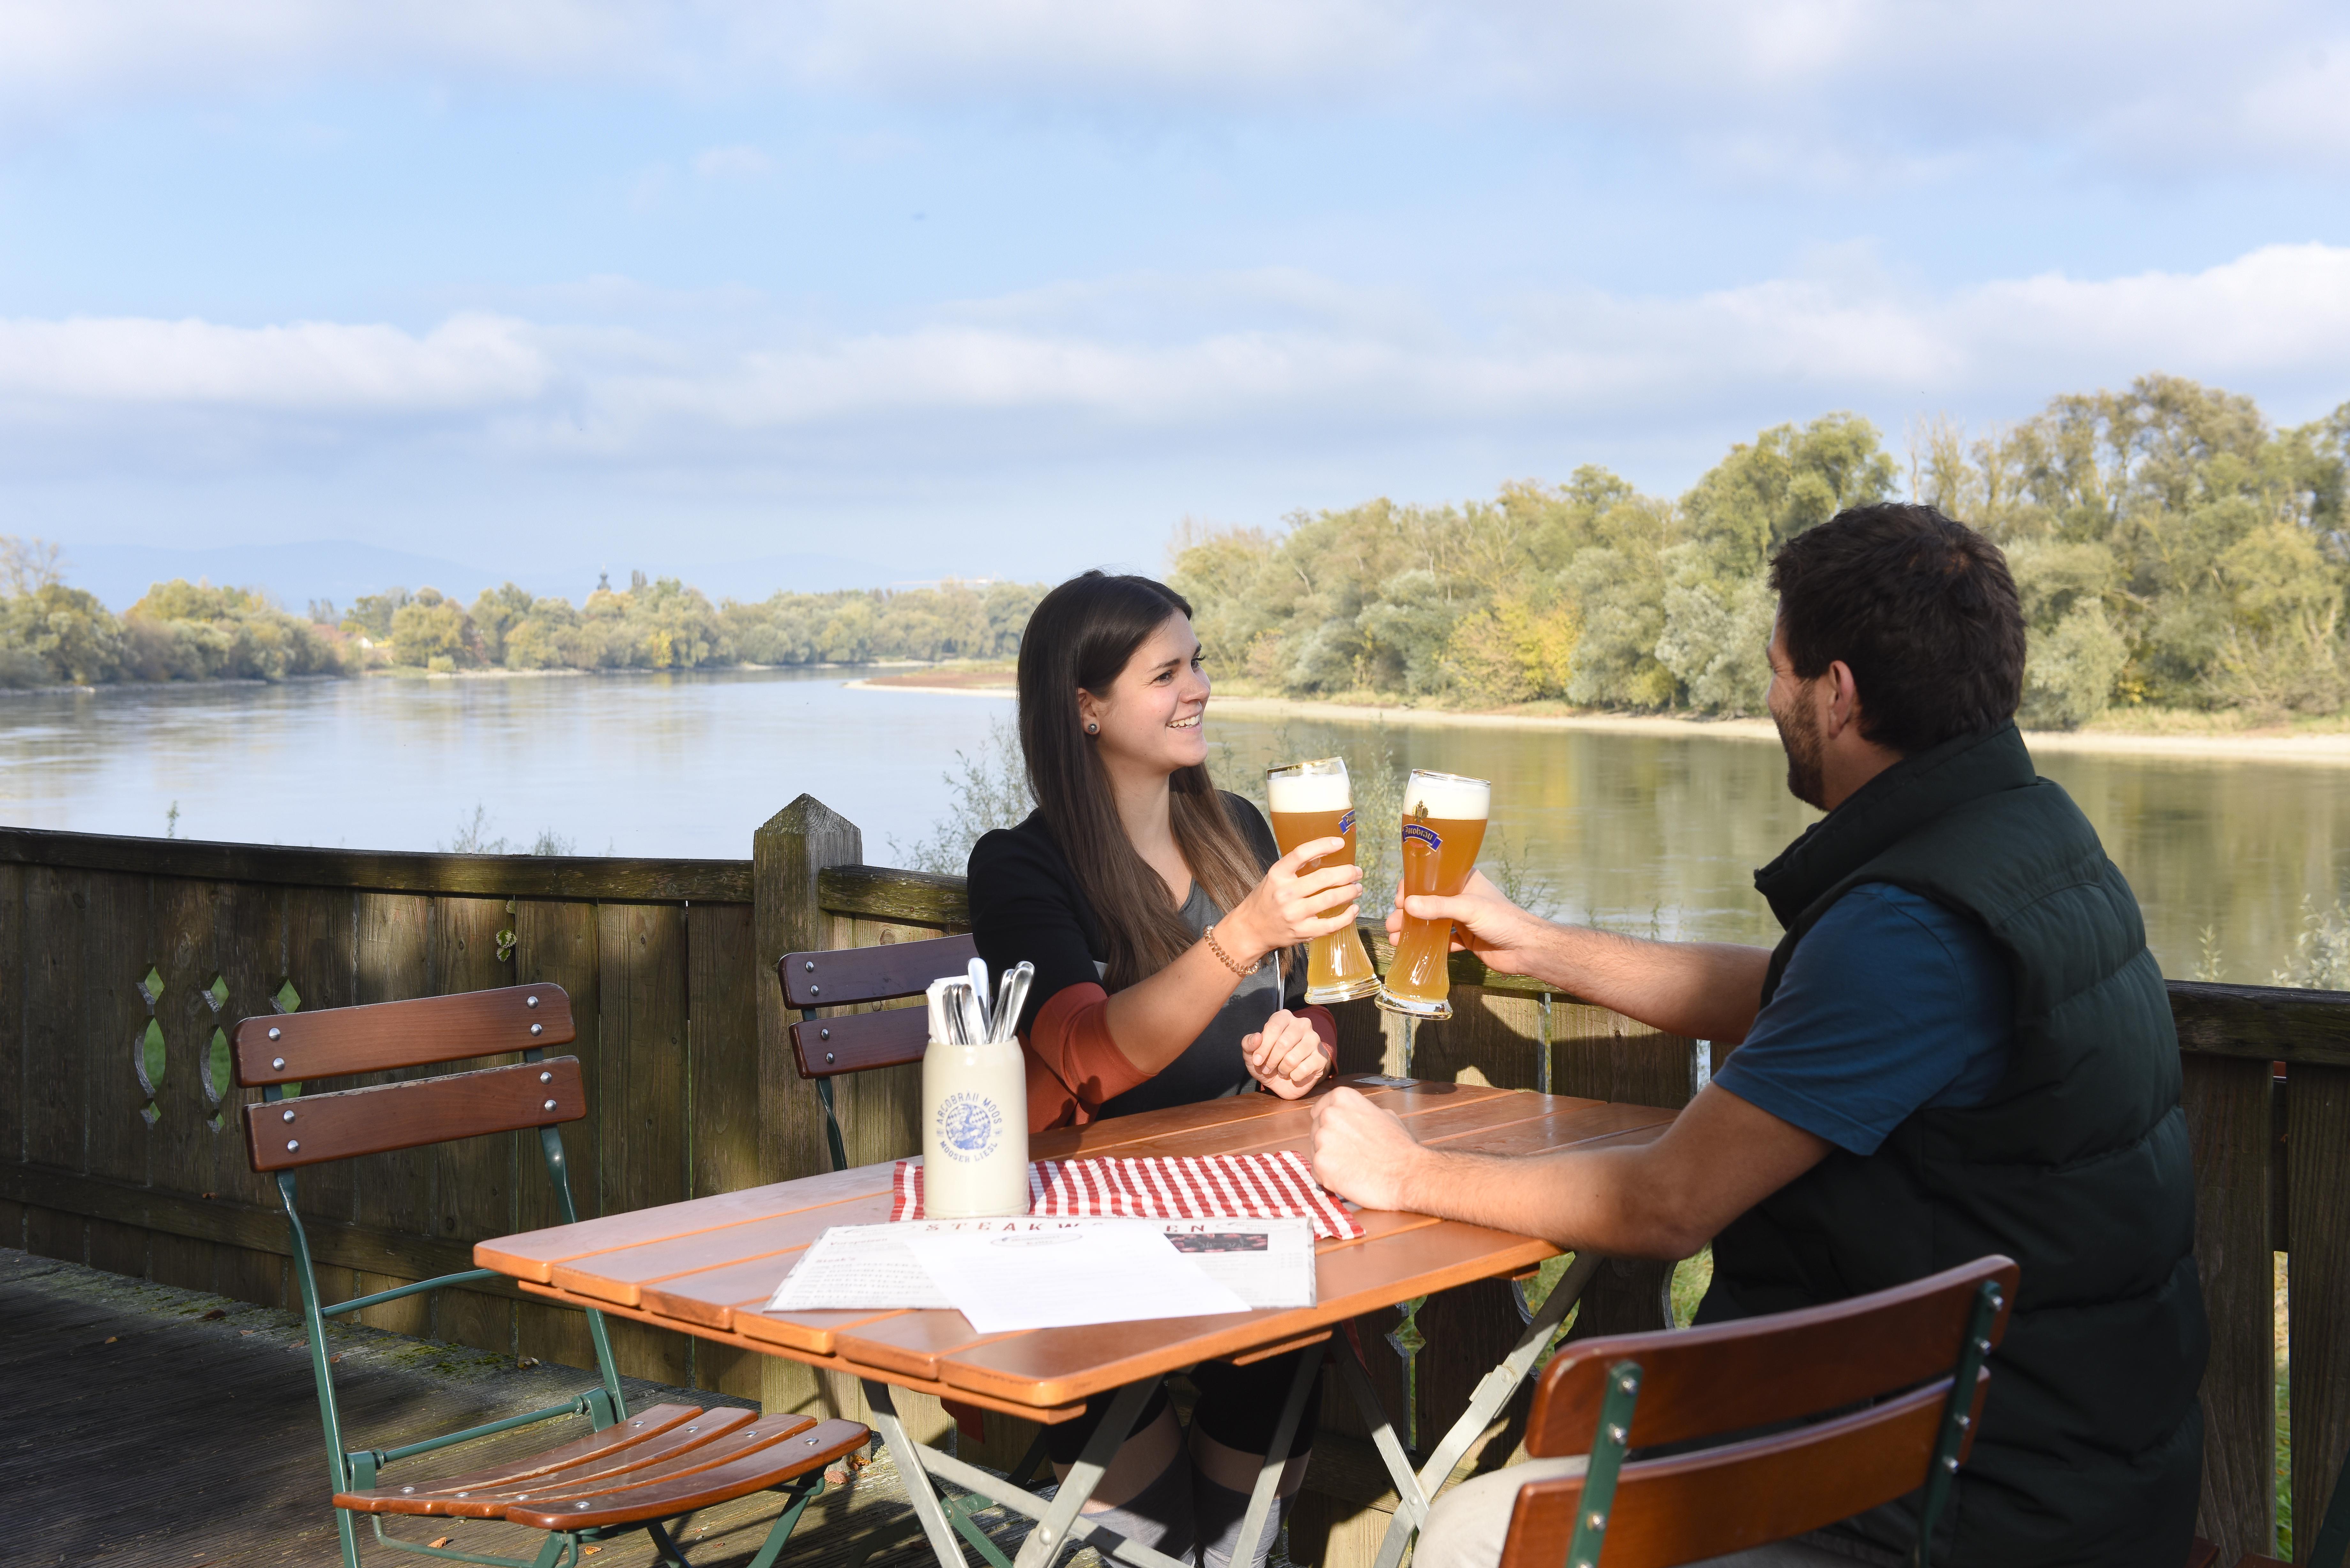 Genuss im wunderschönen Biergarten Mühlhamer Keller mit Blick auf die majestätisch dahinfließende Donau.